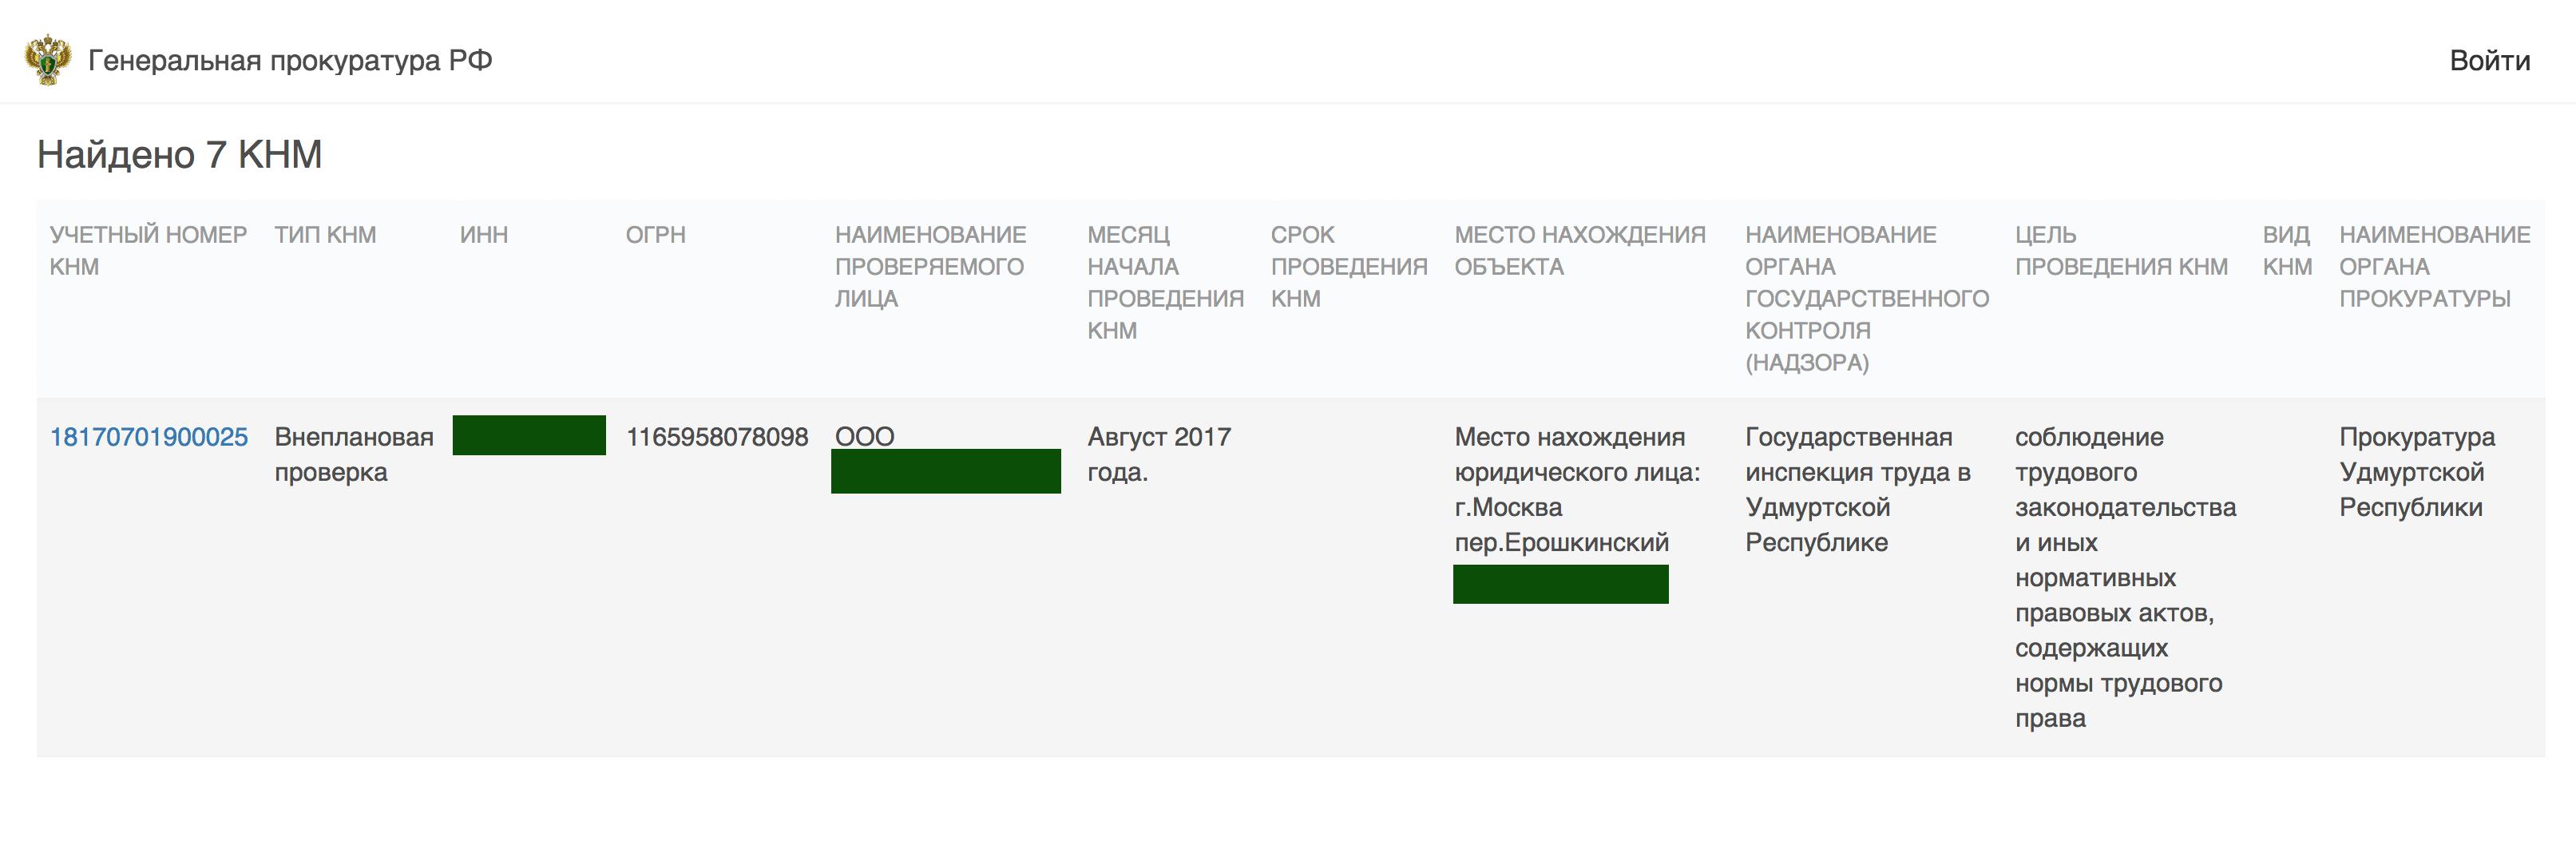 Данные о проверке компании в едином реестре проверок на сайте прокуратуры